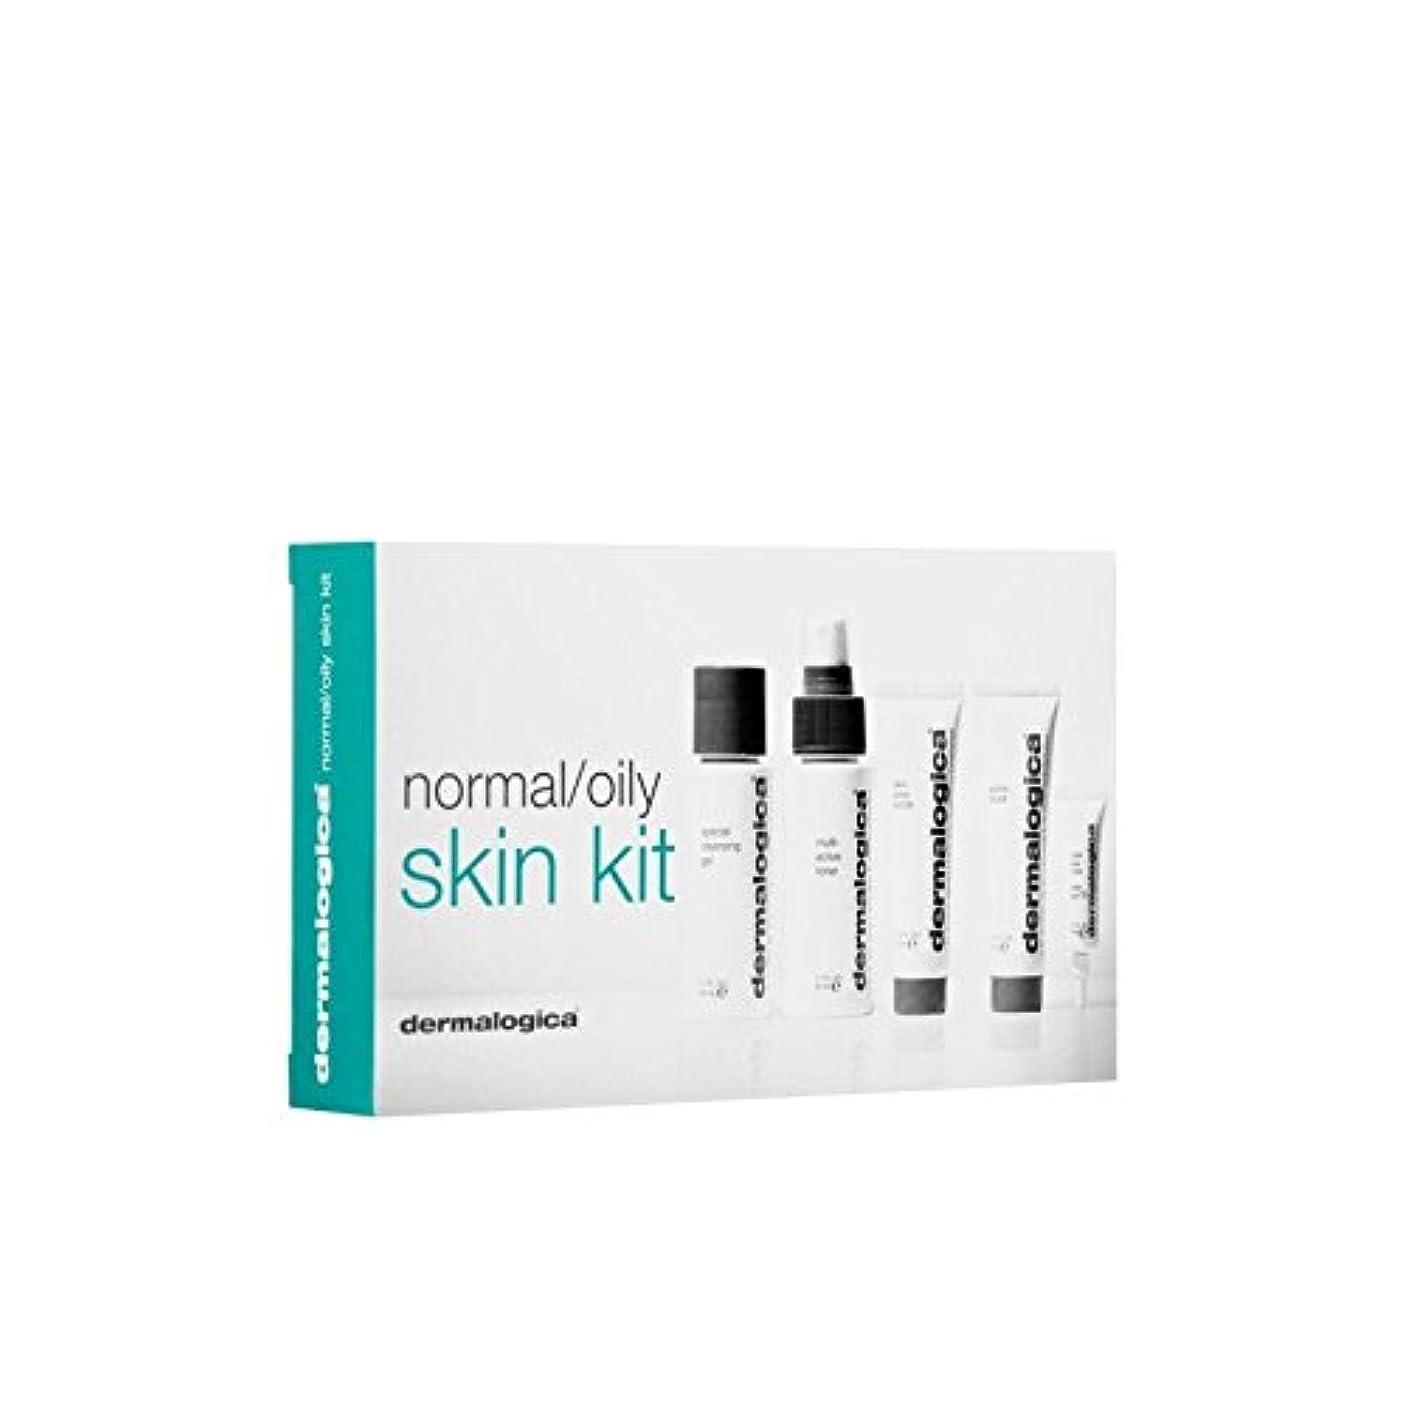 面倒帰るの前でDermalogica Skin Kit - Normal/Oily (5 Products) (Pack of 6) - ダーマロジカスキンキット - ノーマル/オイリー(5製品) x6 [並行輸入品]